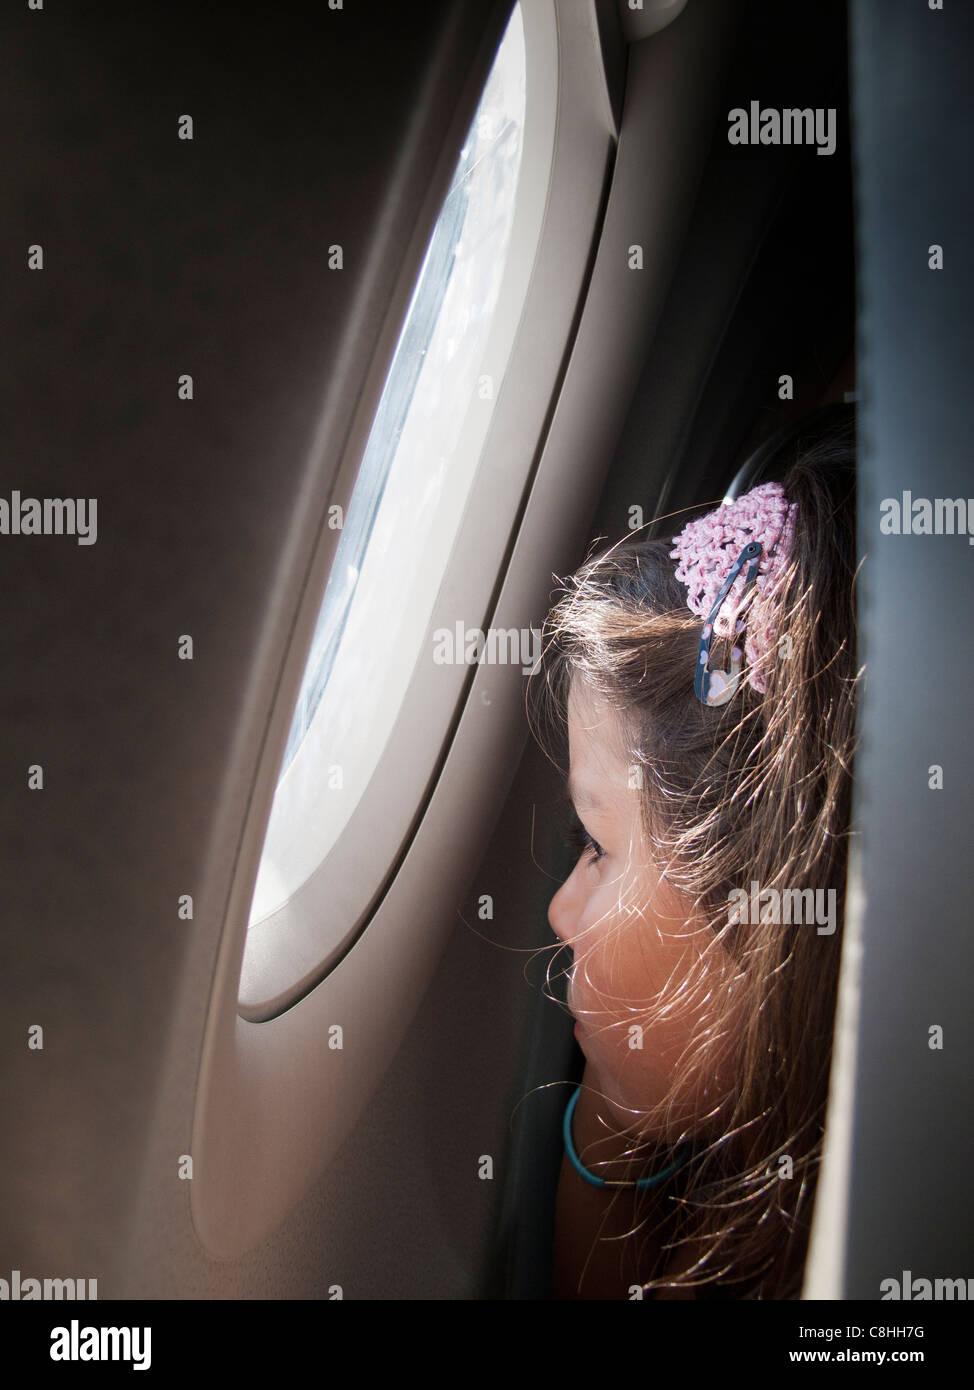 Niño mirando por la ventana en un avión Foto de stock